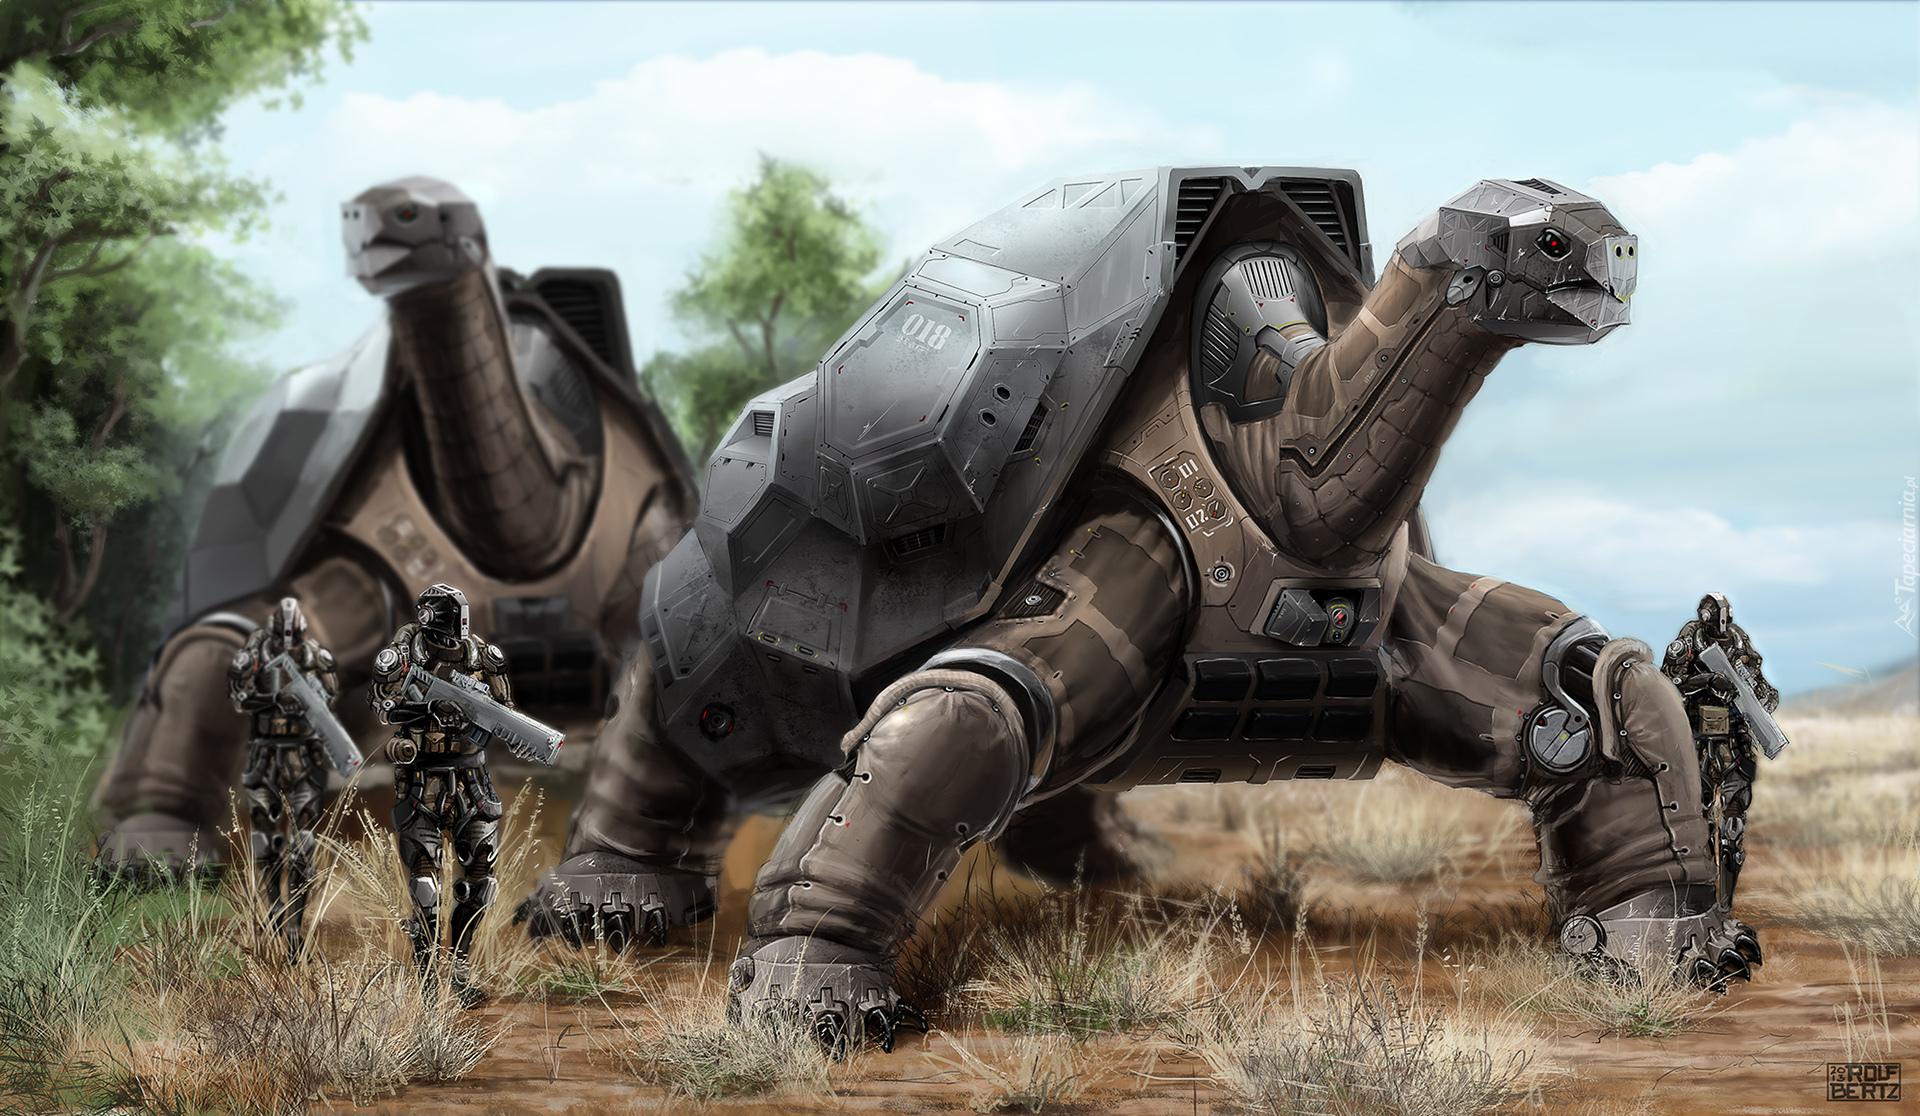 Deviantart Robot Animals: Żółwie Roboty W Akcji